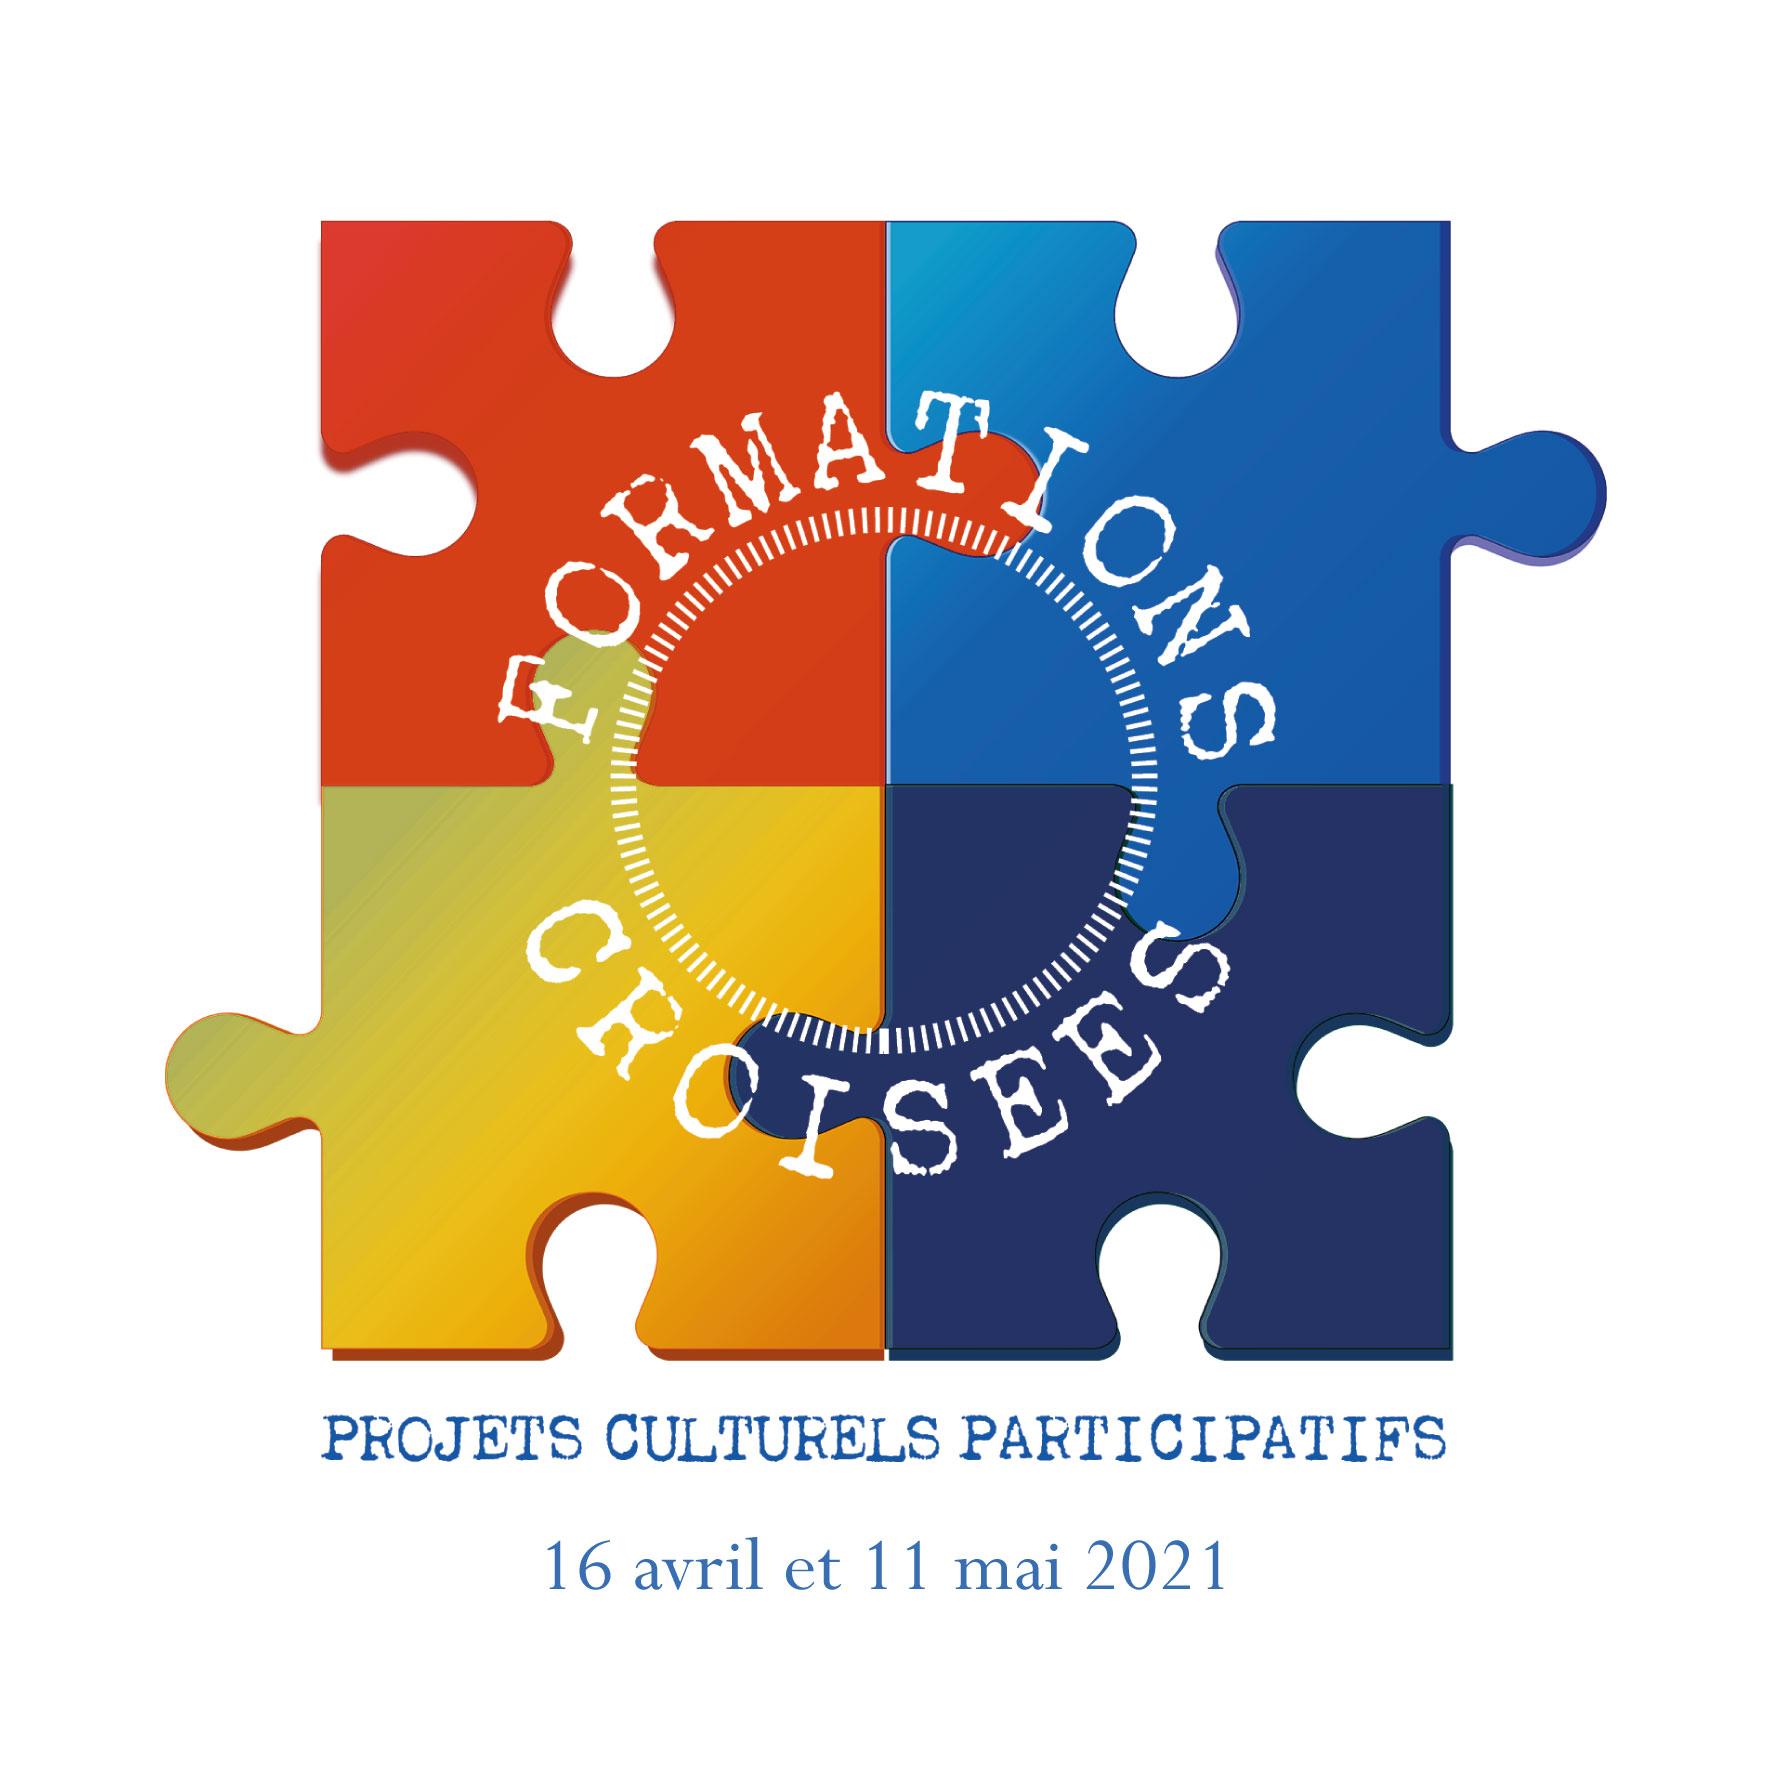 Formations Croisées le 16 avril et le 11 mai 2021: Projets culturels et territoires